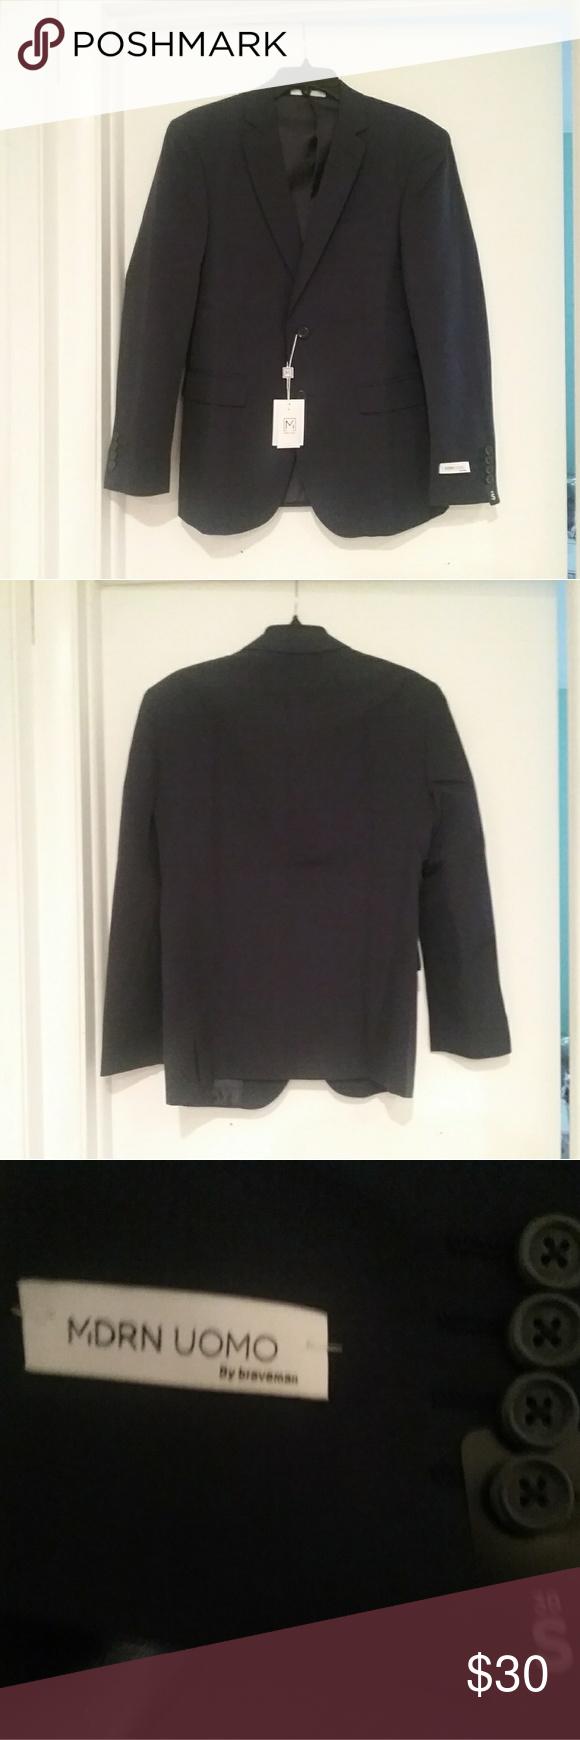 Men S Slim Fit Suit Jacket 38s 32w Slim Fit Suit Men Slim Fit Suit Fitted Suit